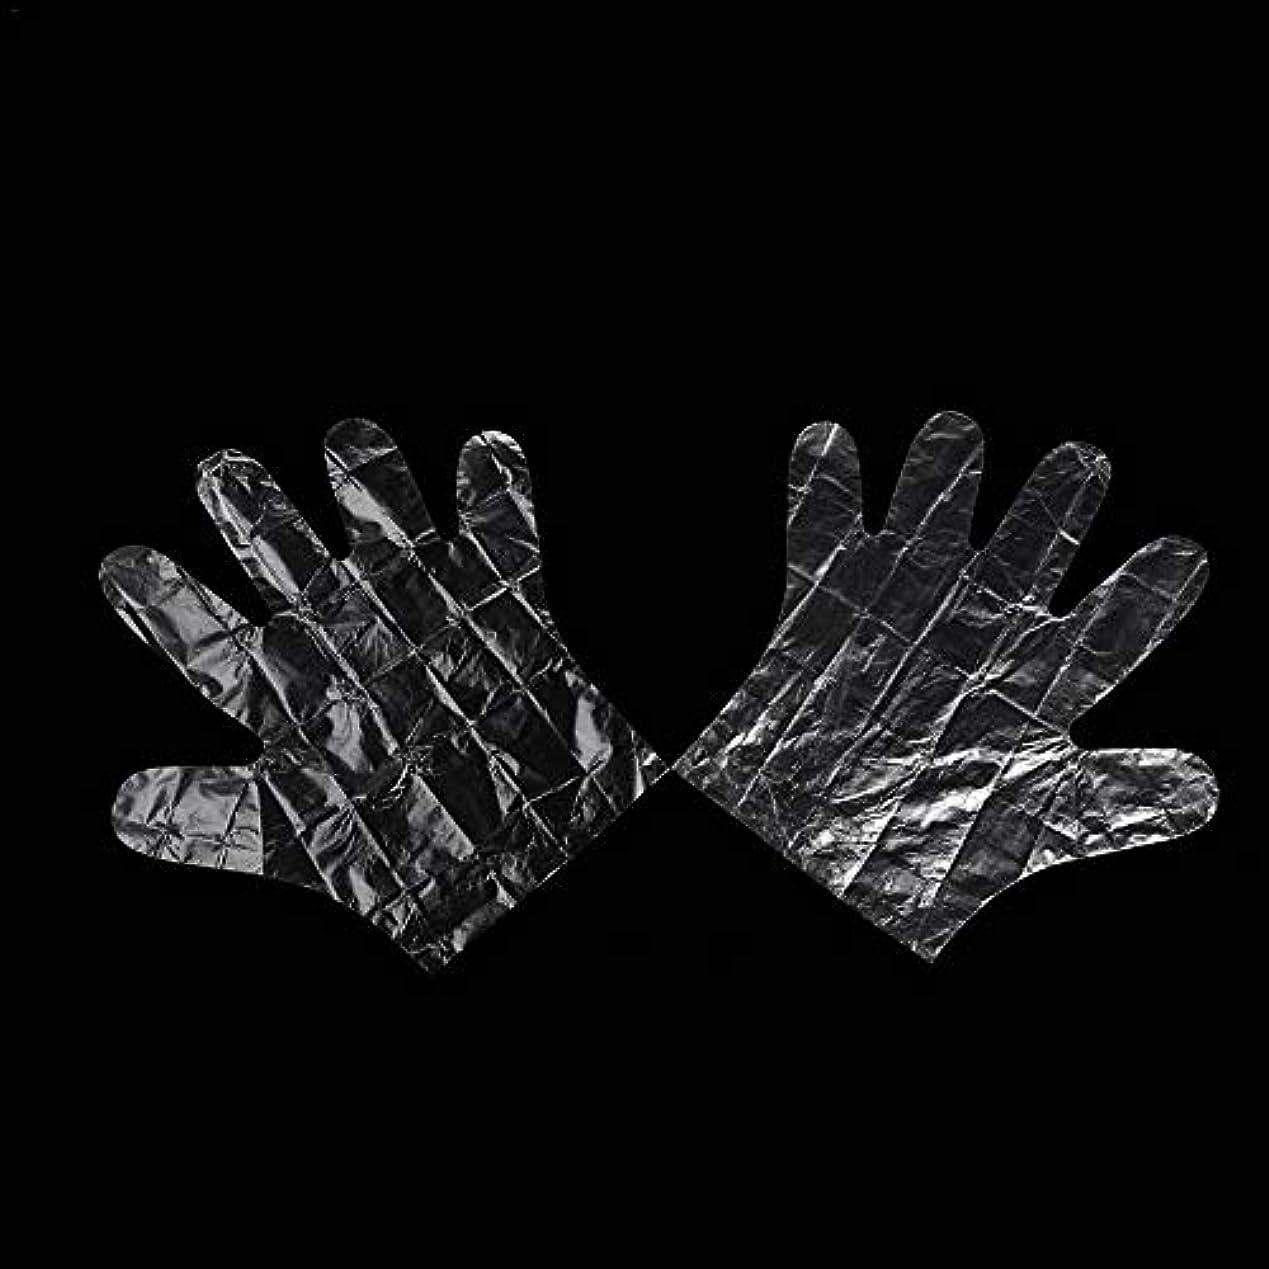 延ばす落ちたアスペクトcolmall 使い捨て手袋 子供用 極薄ビニール手袋 ポリエチレン 透明 実用 衛生 100枚/200m枚セット 左右兼用 on